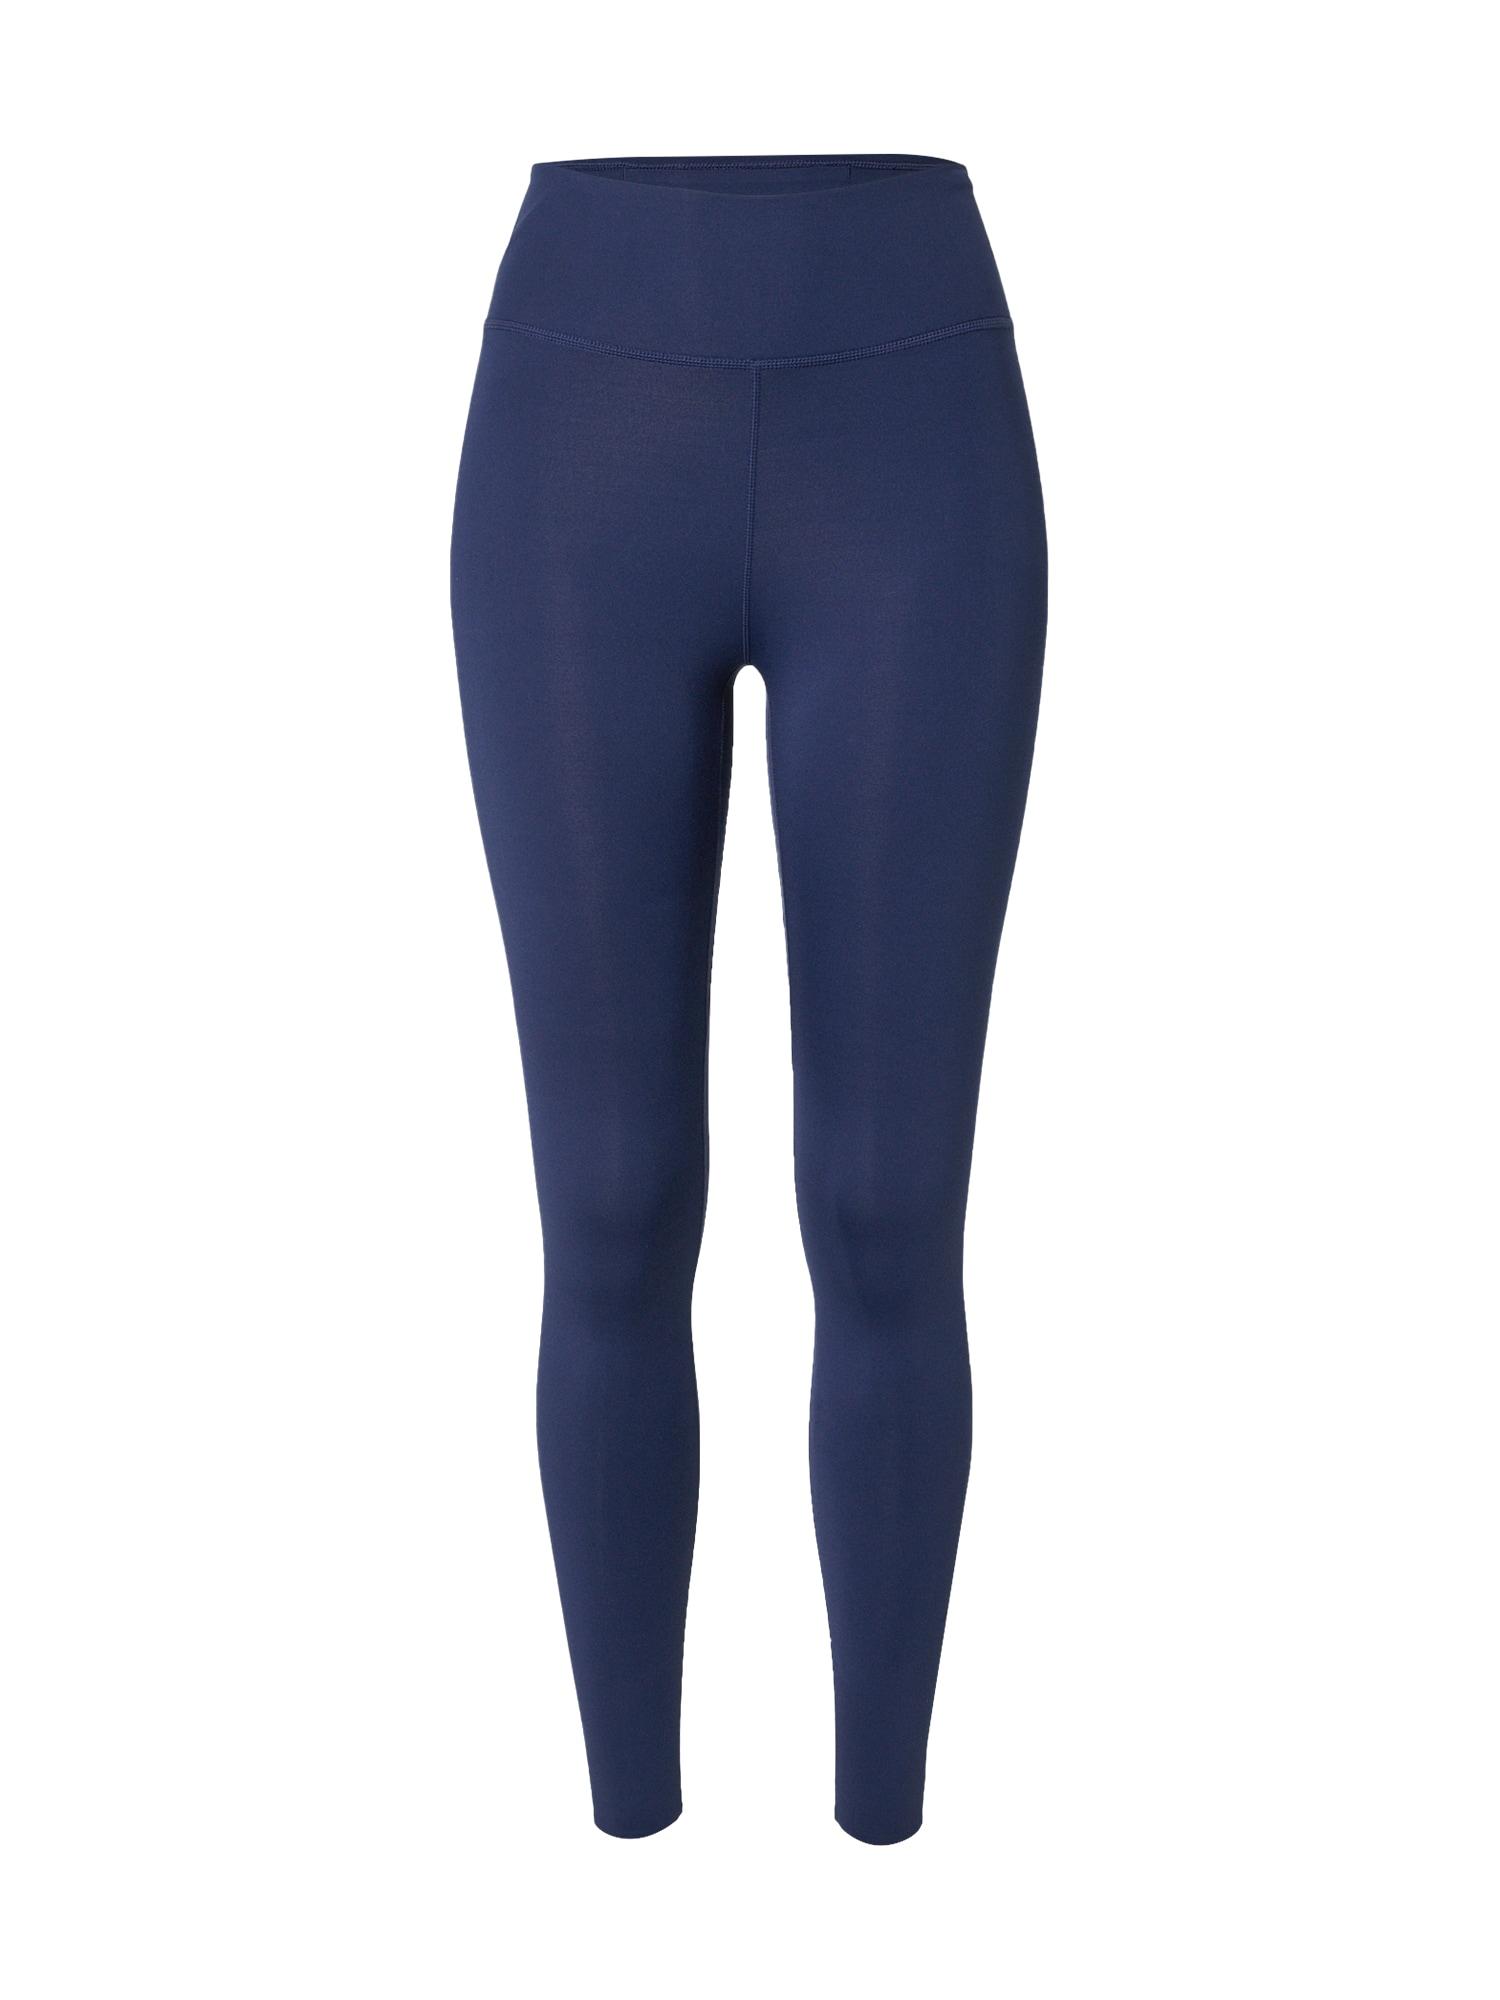 NIKE Sportovní kalhoty 'One Luxe'  námořnická modř